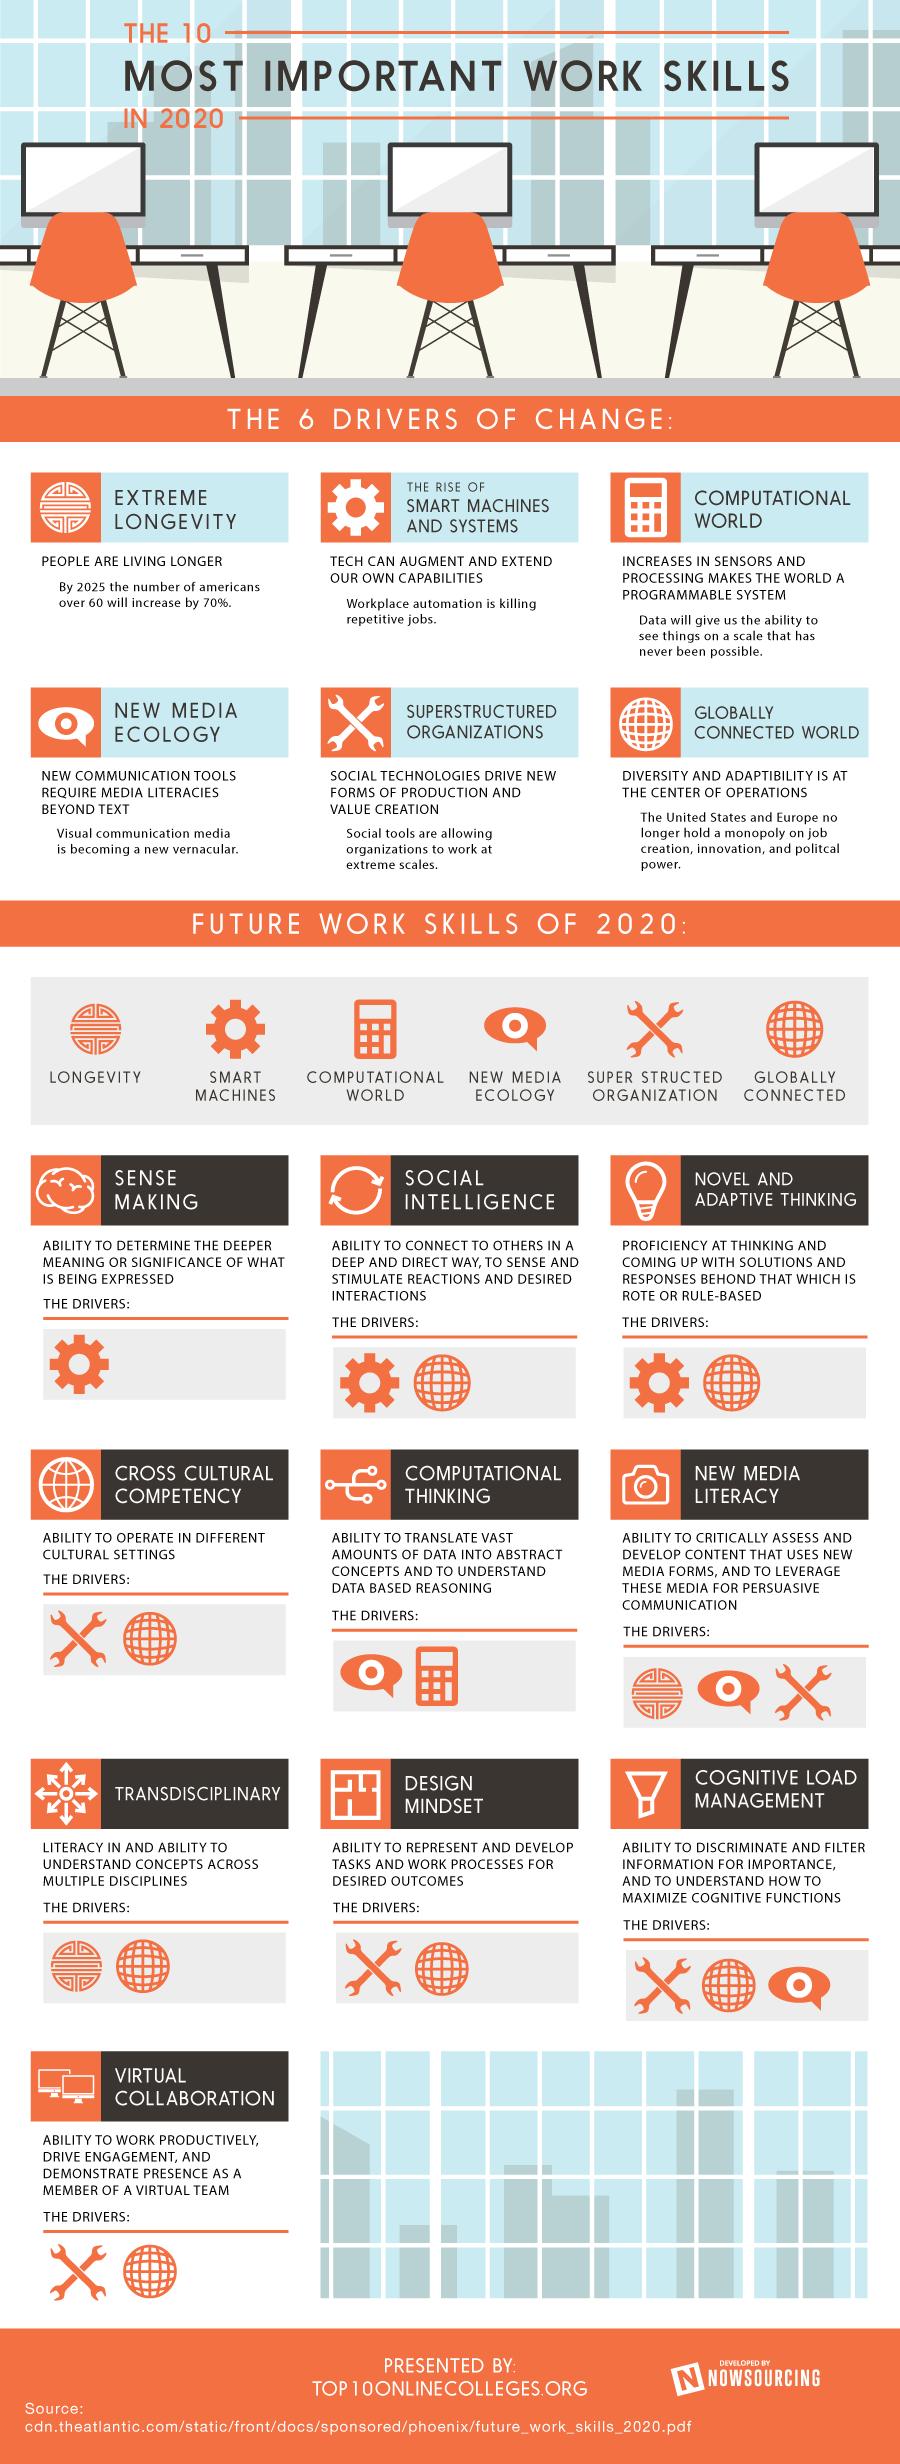 competences cles 2020